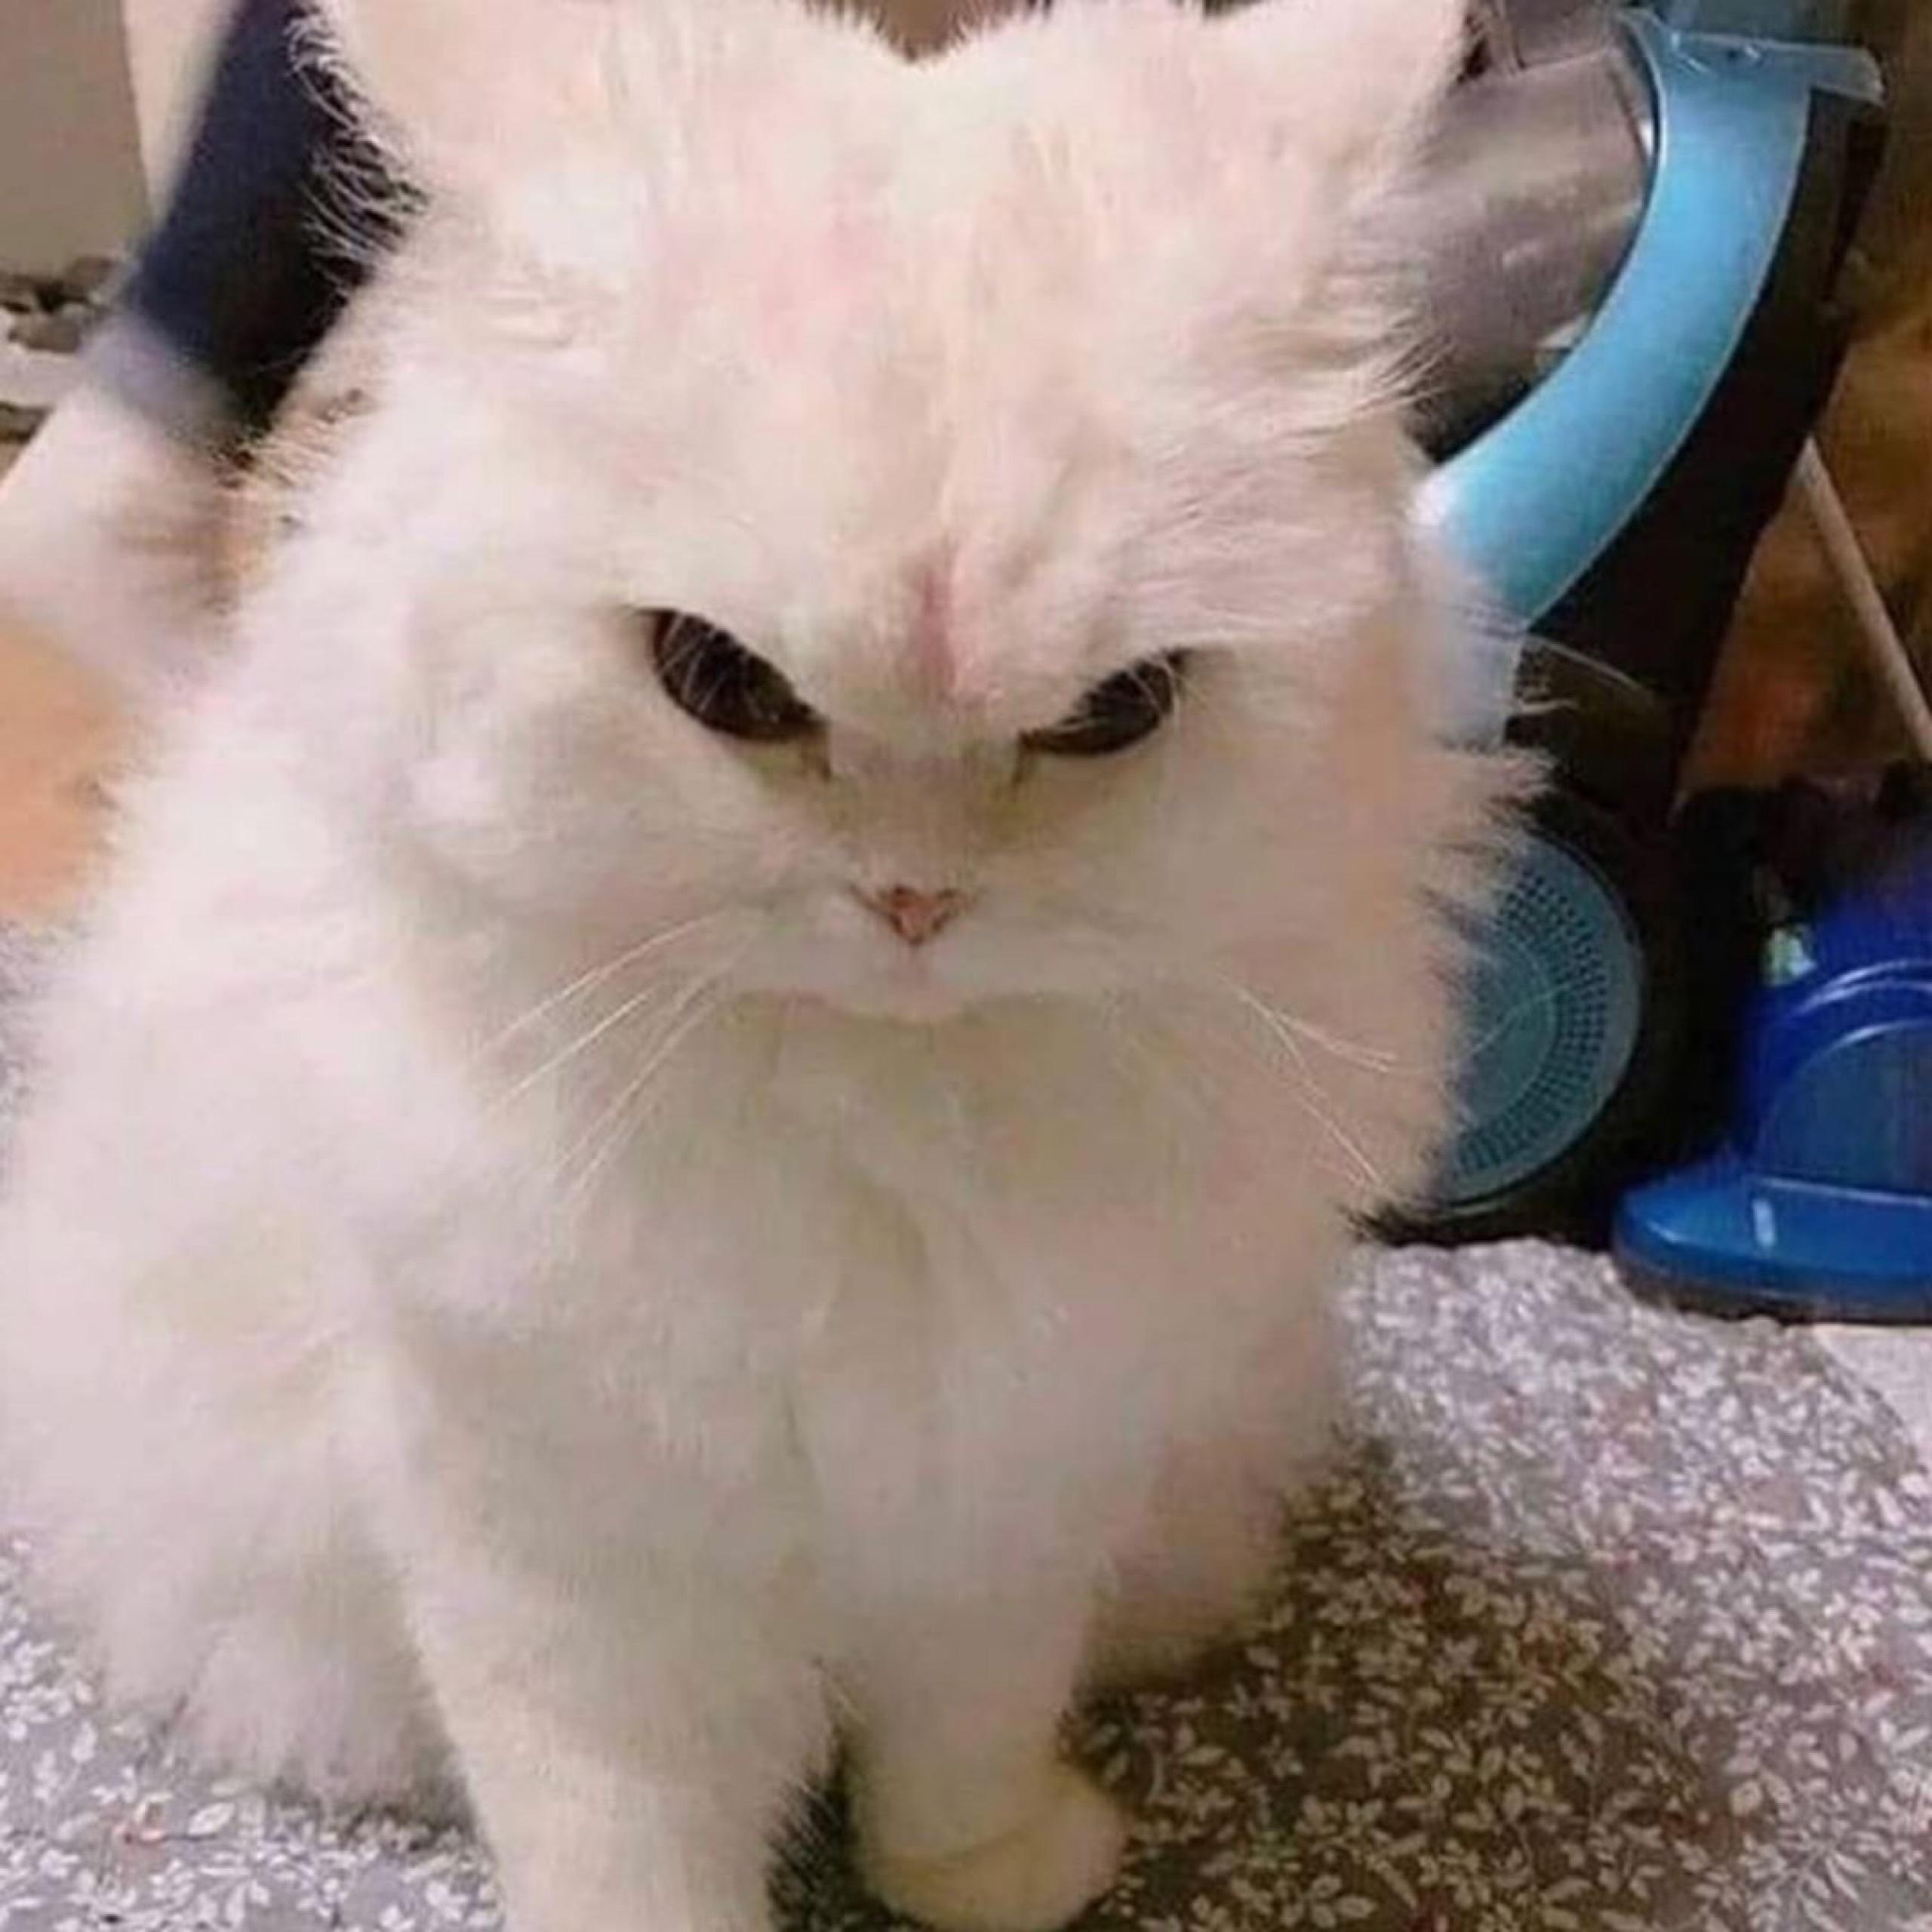 Ну и кто тут хозяин?: Мемы, которые показывают, что значит жить с кошкой